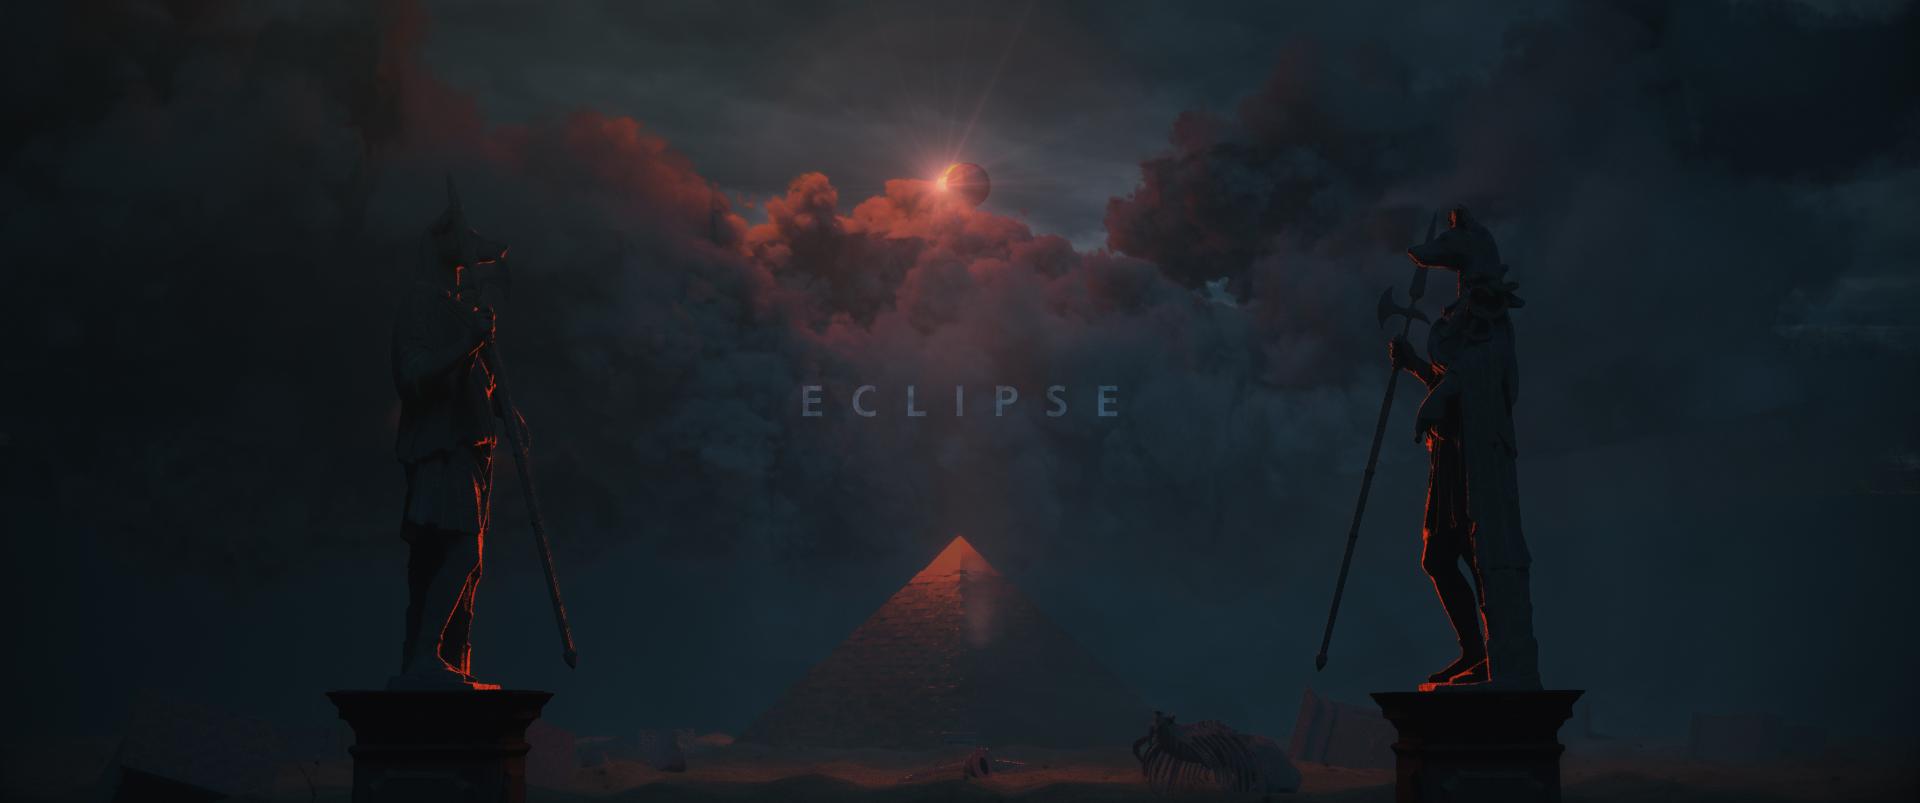 권동현_3주차_Eclipse_02 - Lunatic squad.png